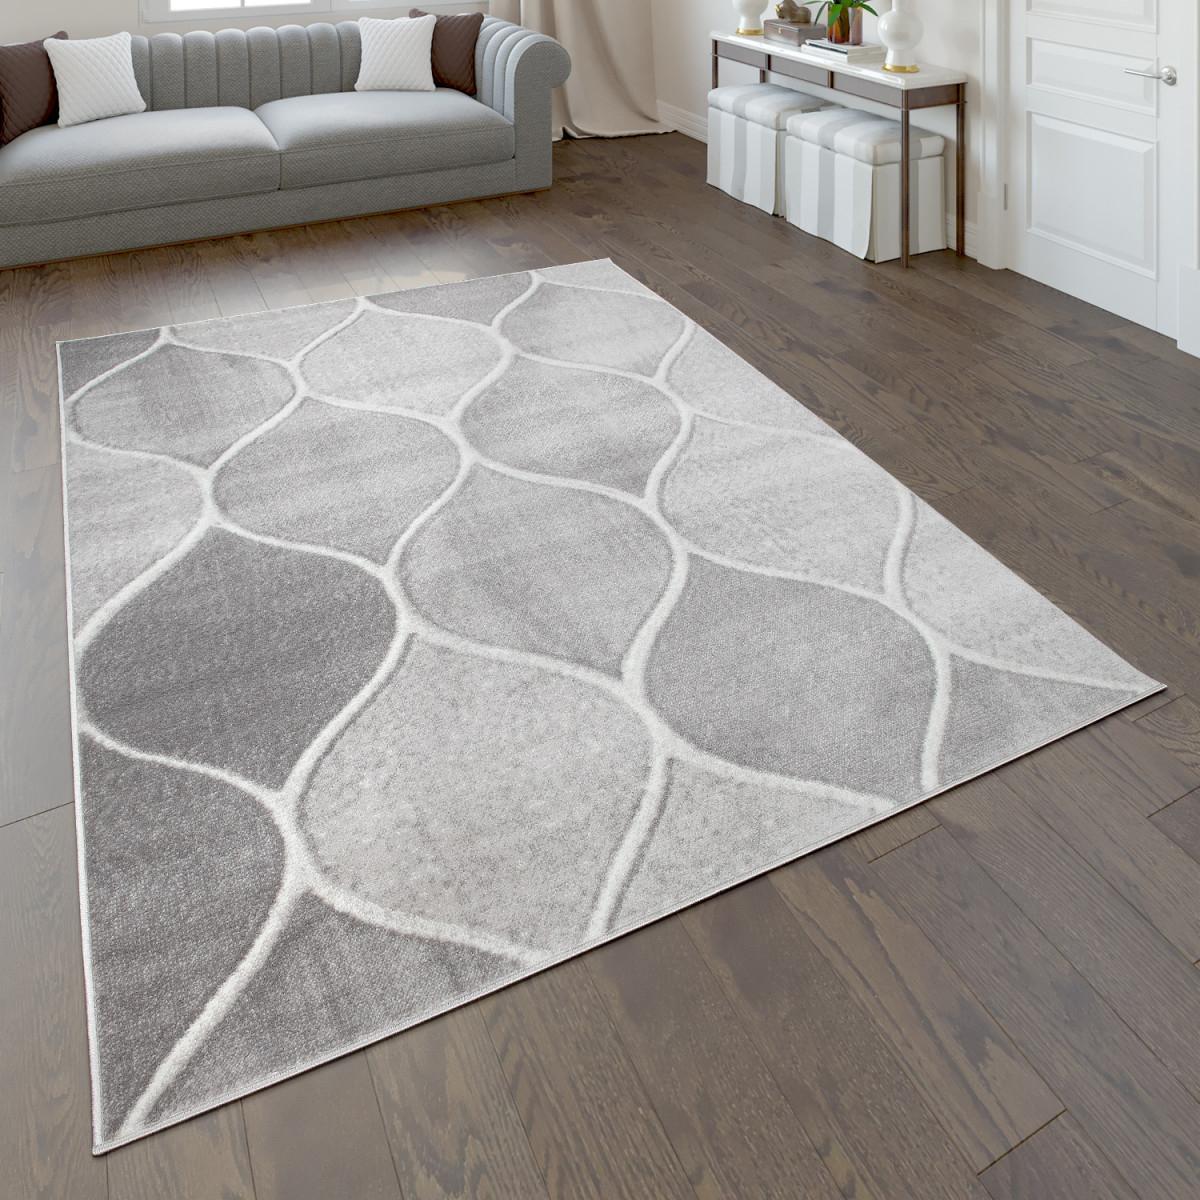 Details Zu Teppich Kurzflorteppich Für Wohnzimmer Mit Orientdesign  Einfarbig In Grau von Wohnzimmer Teppich Hellgrau Photo